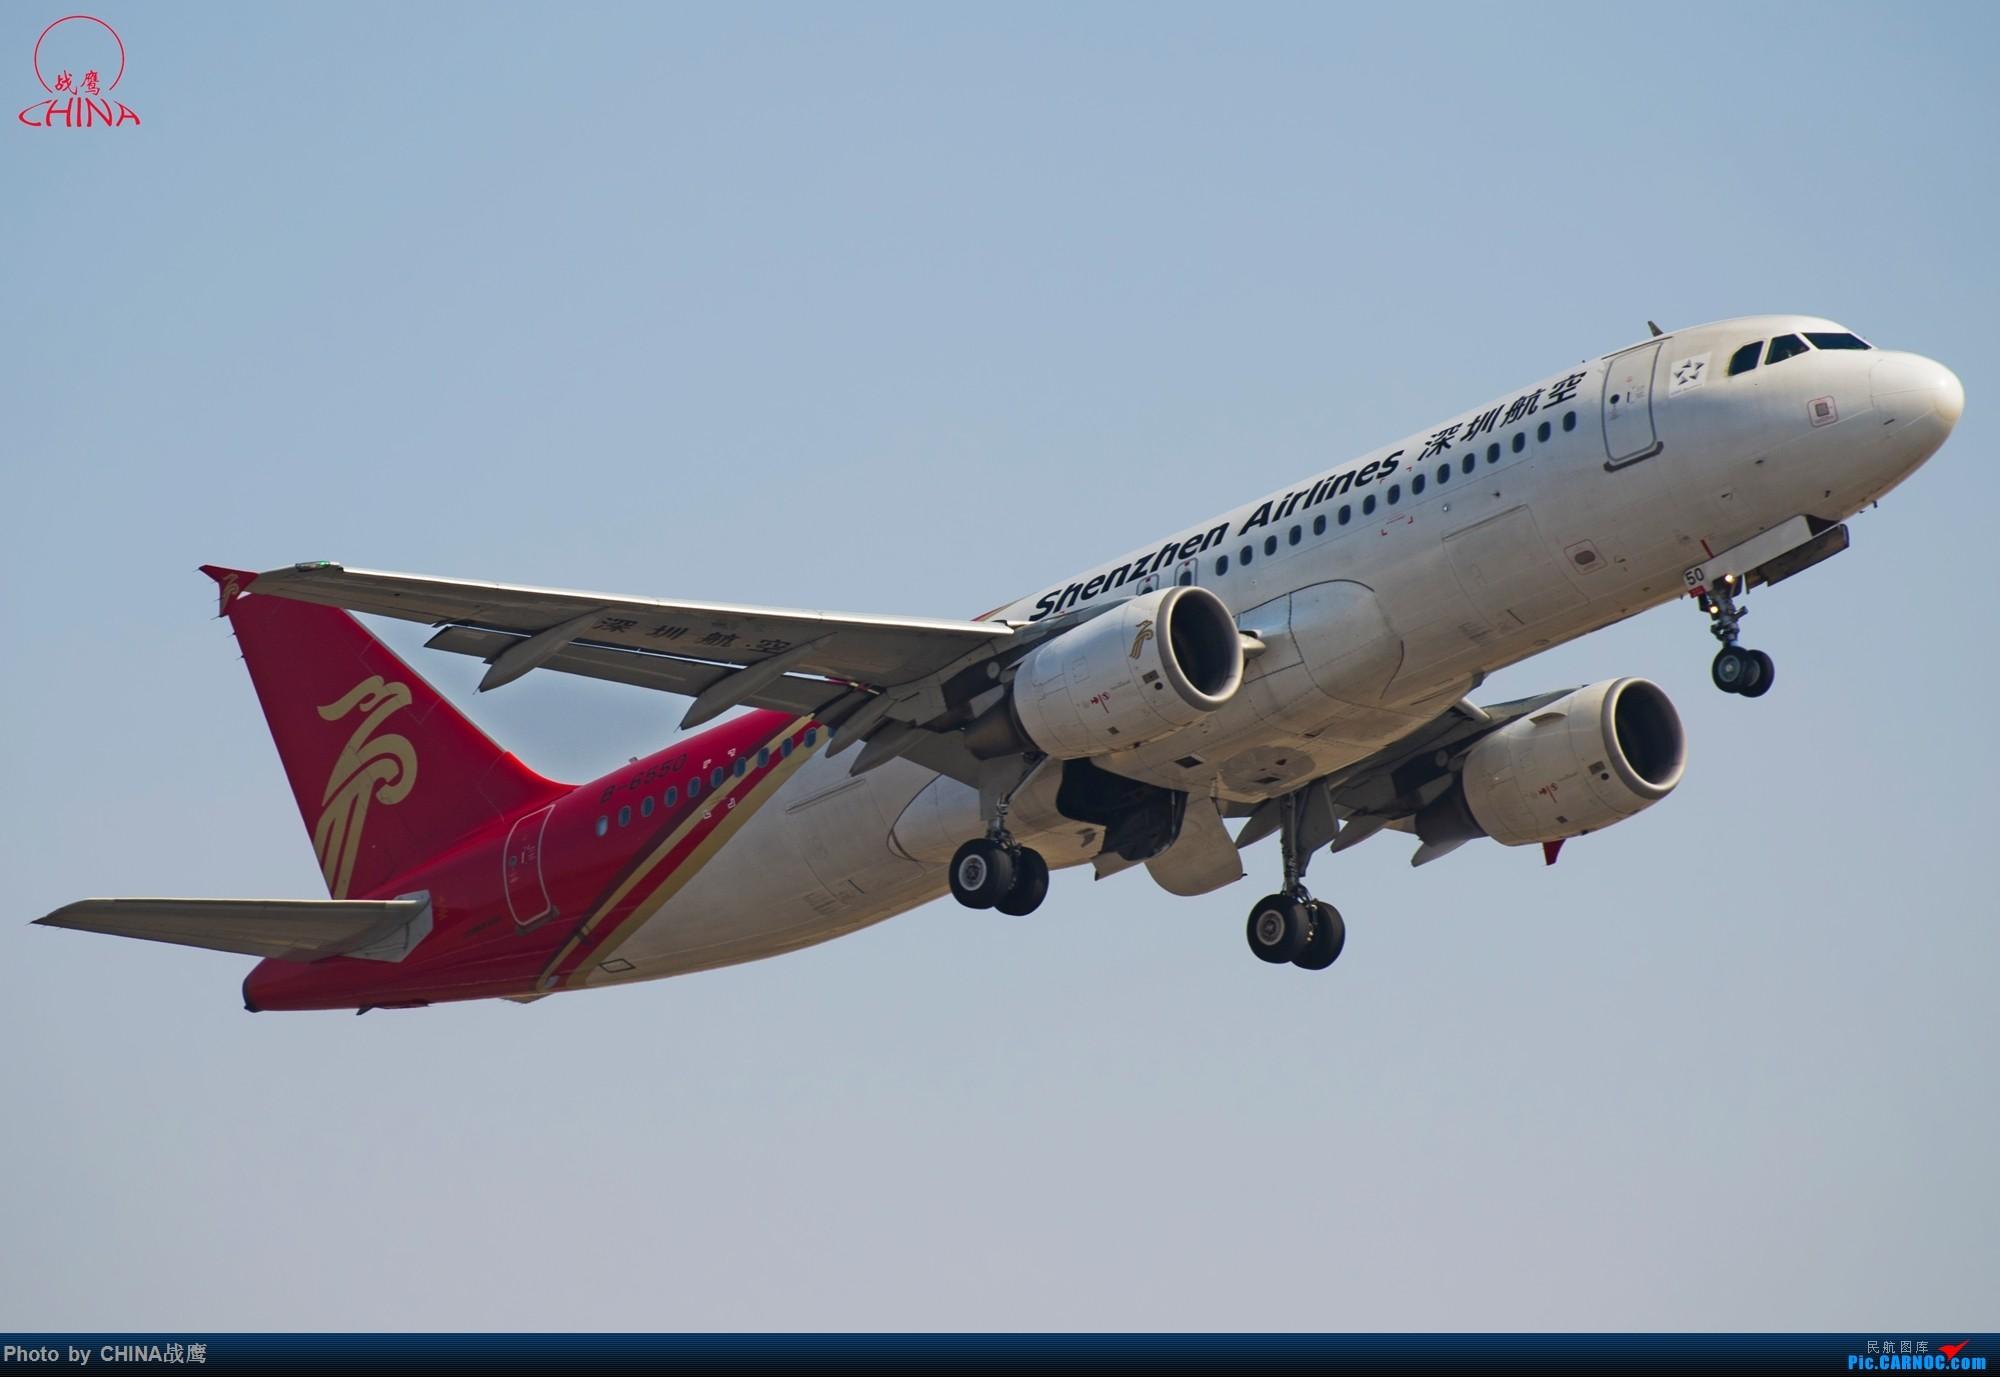 Re:[原创]拍飞机的乐趣 AIRBUS A320-200 B-6550 中国沈阳桃仙国际机场